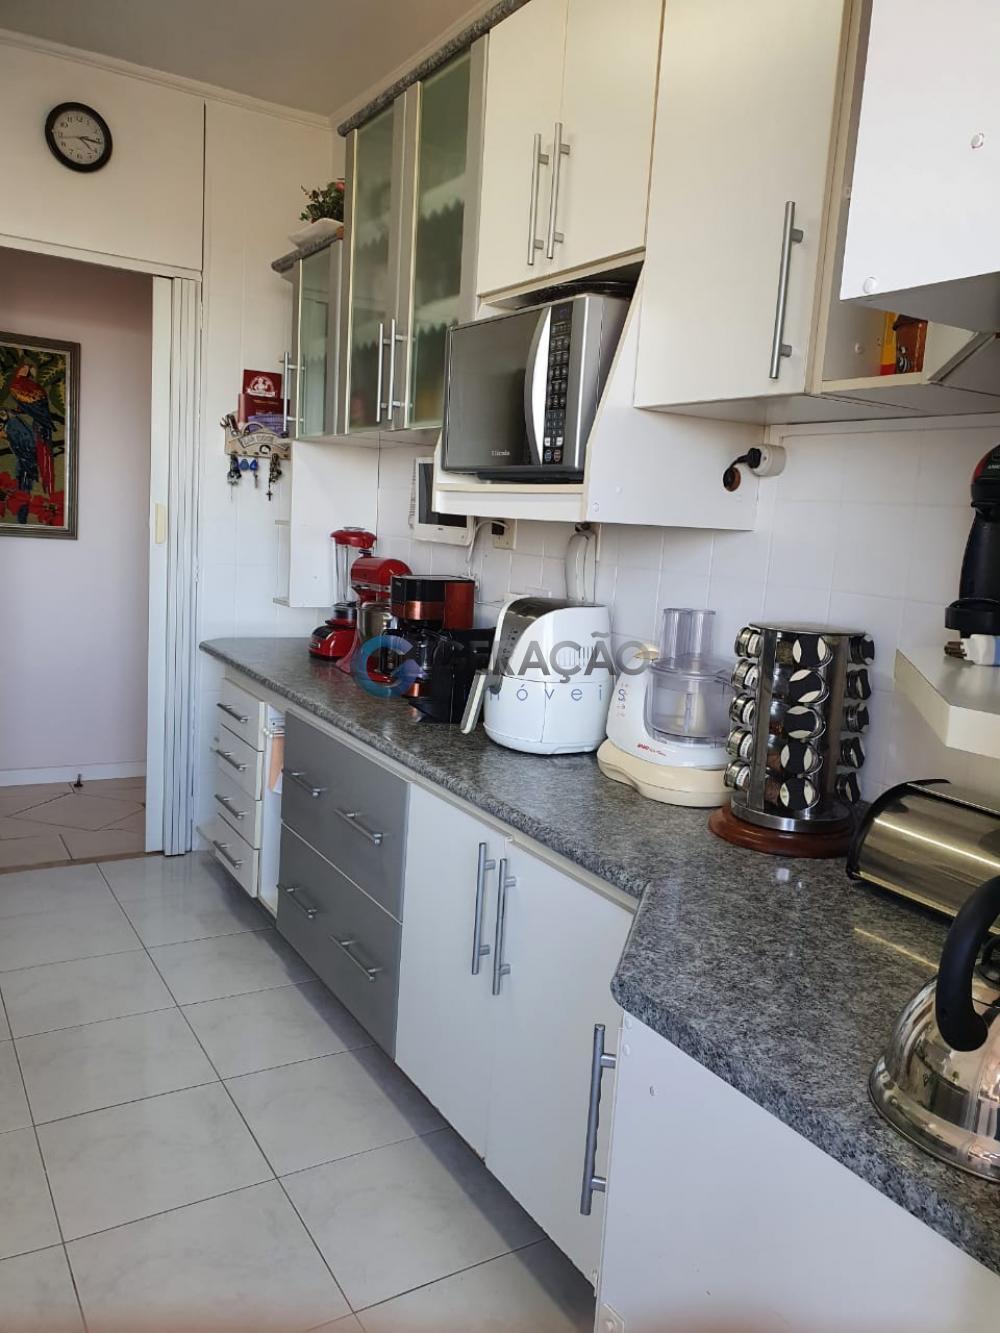 Comprar Apartamento / Padrão em São José dos Campos R$ 330.000,00 - Foto 6